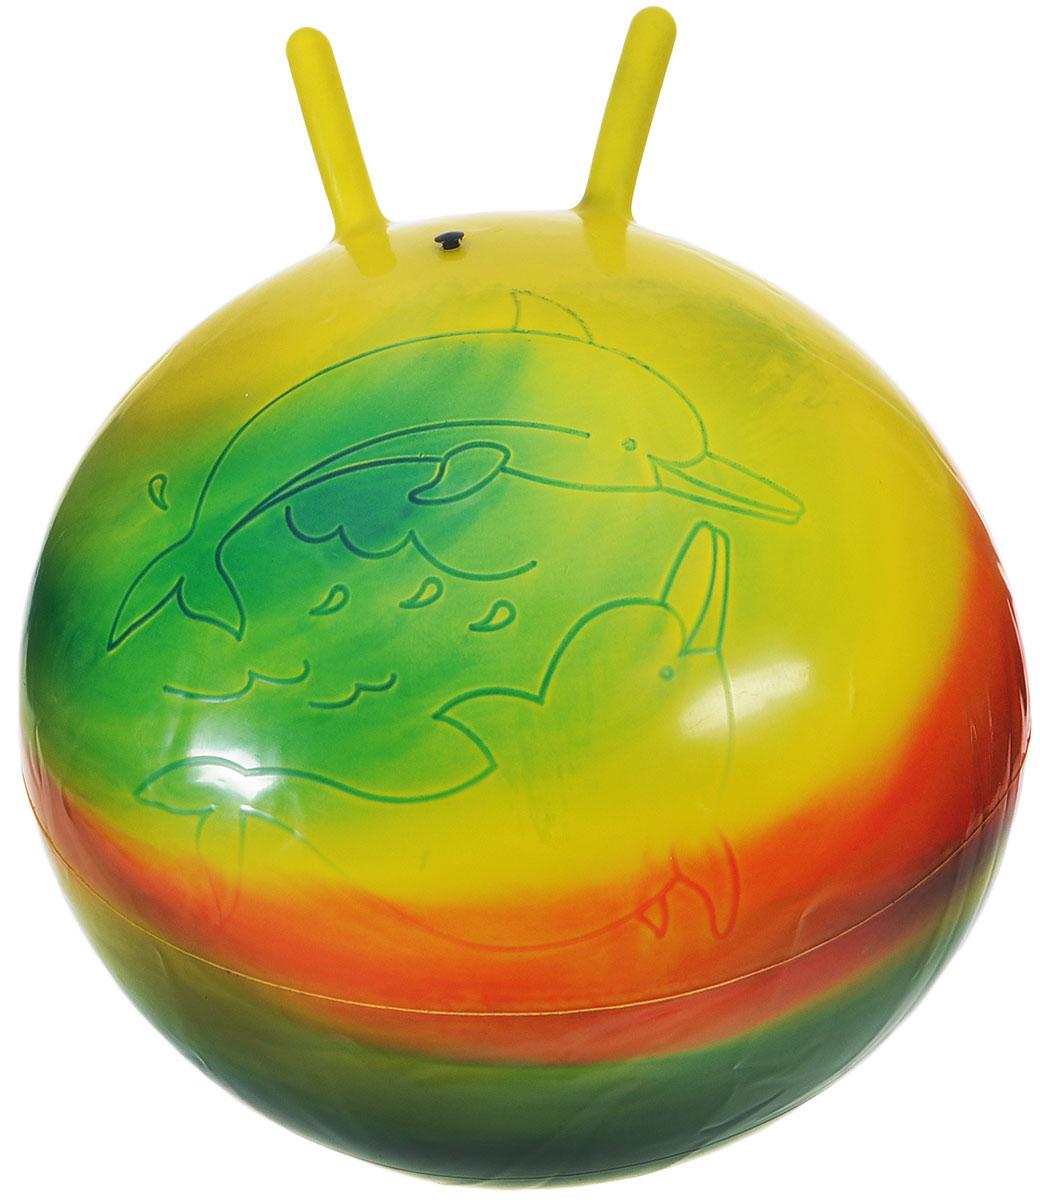 Stantoma Игрушка-попрыгун Мяч с рогами цвет мультиколор 55 см мяч попрыгун наша игрушка мяч трансформер пластик от 3 лет разноцветный 100994539